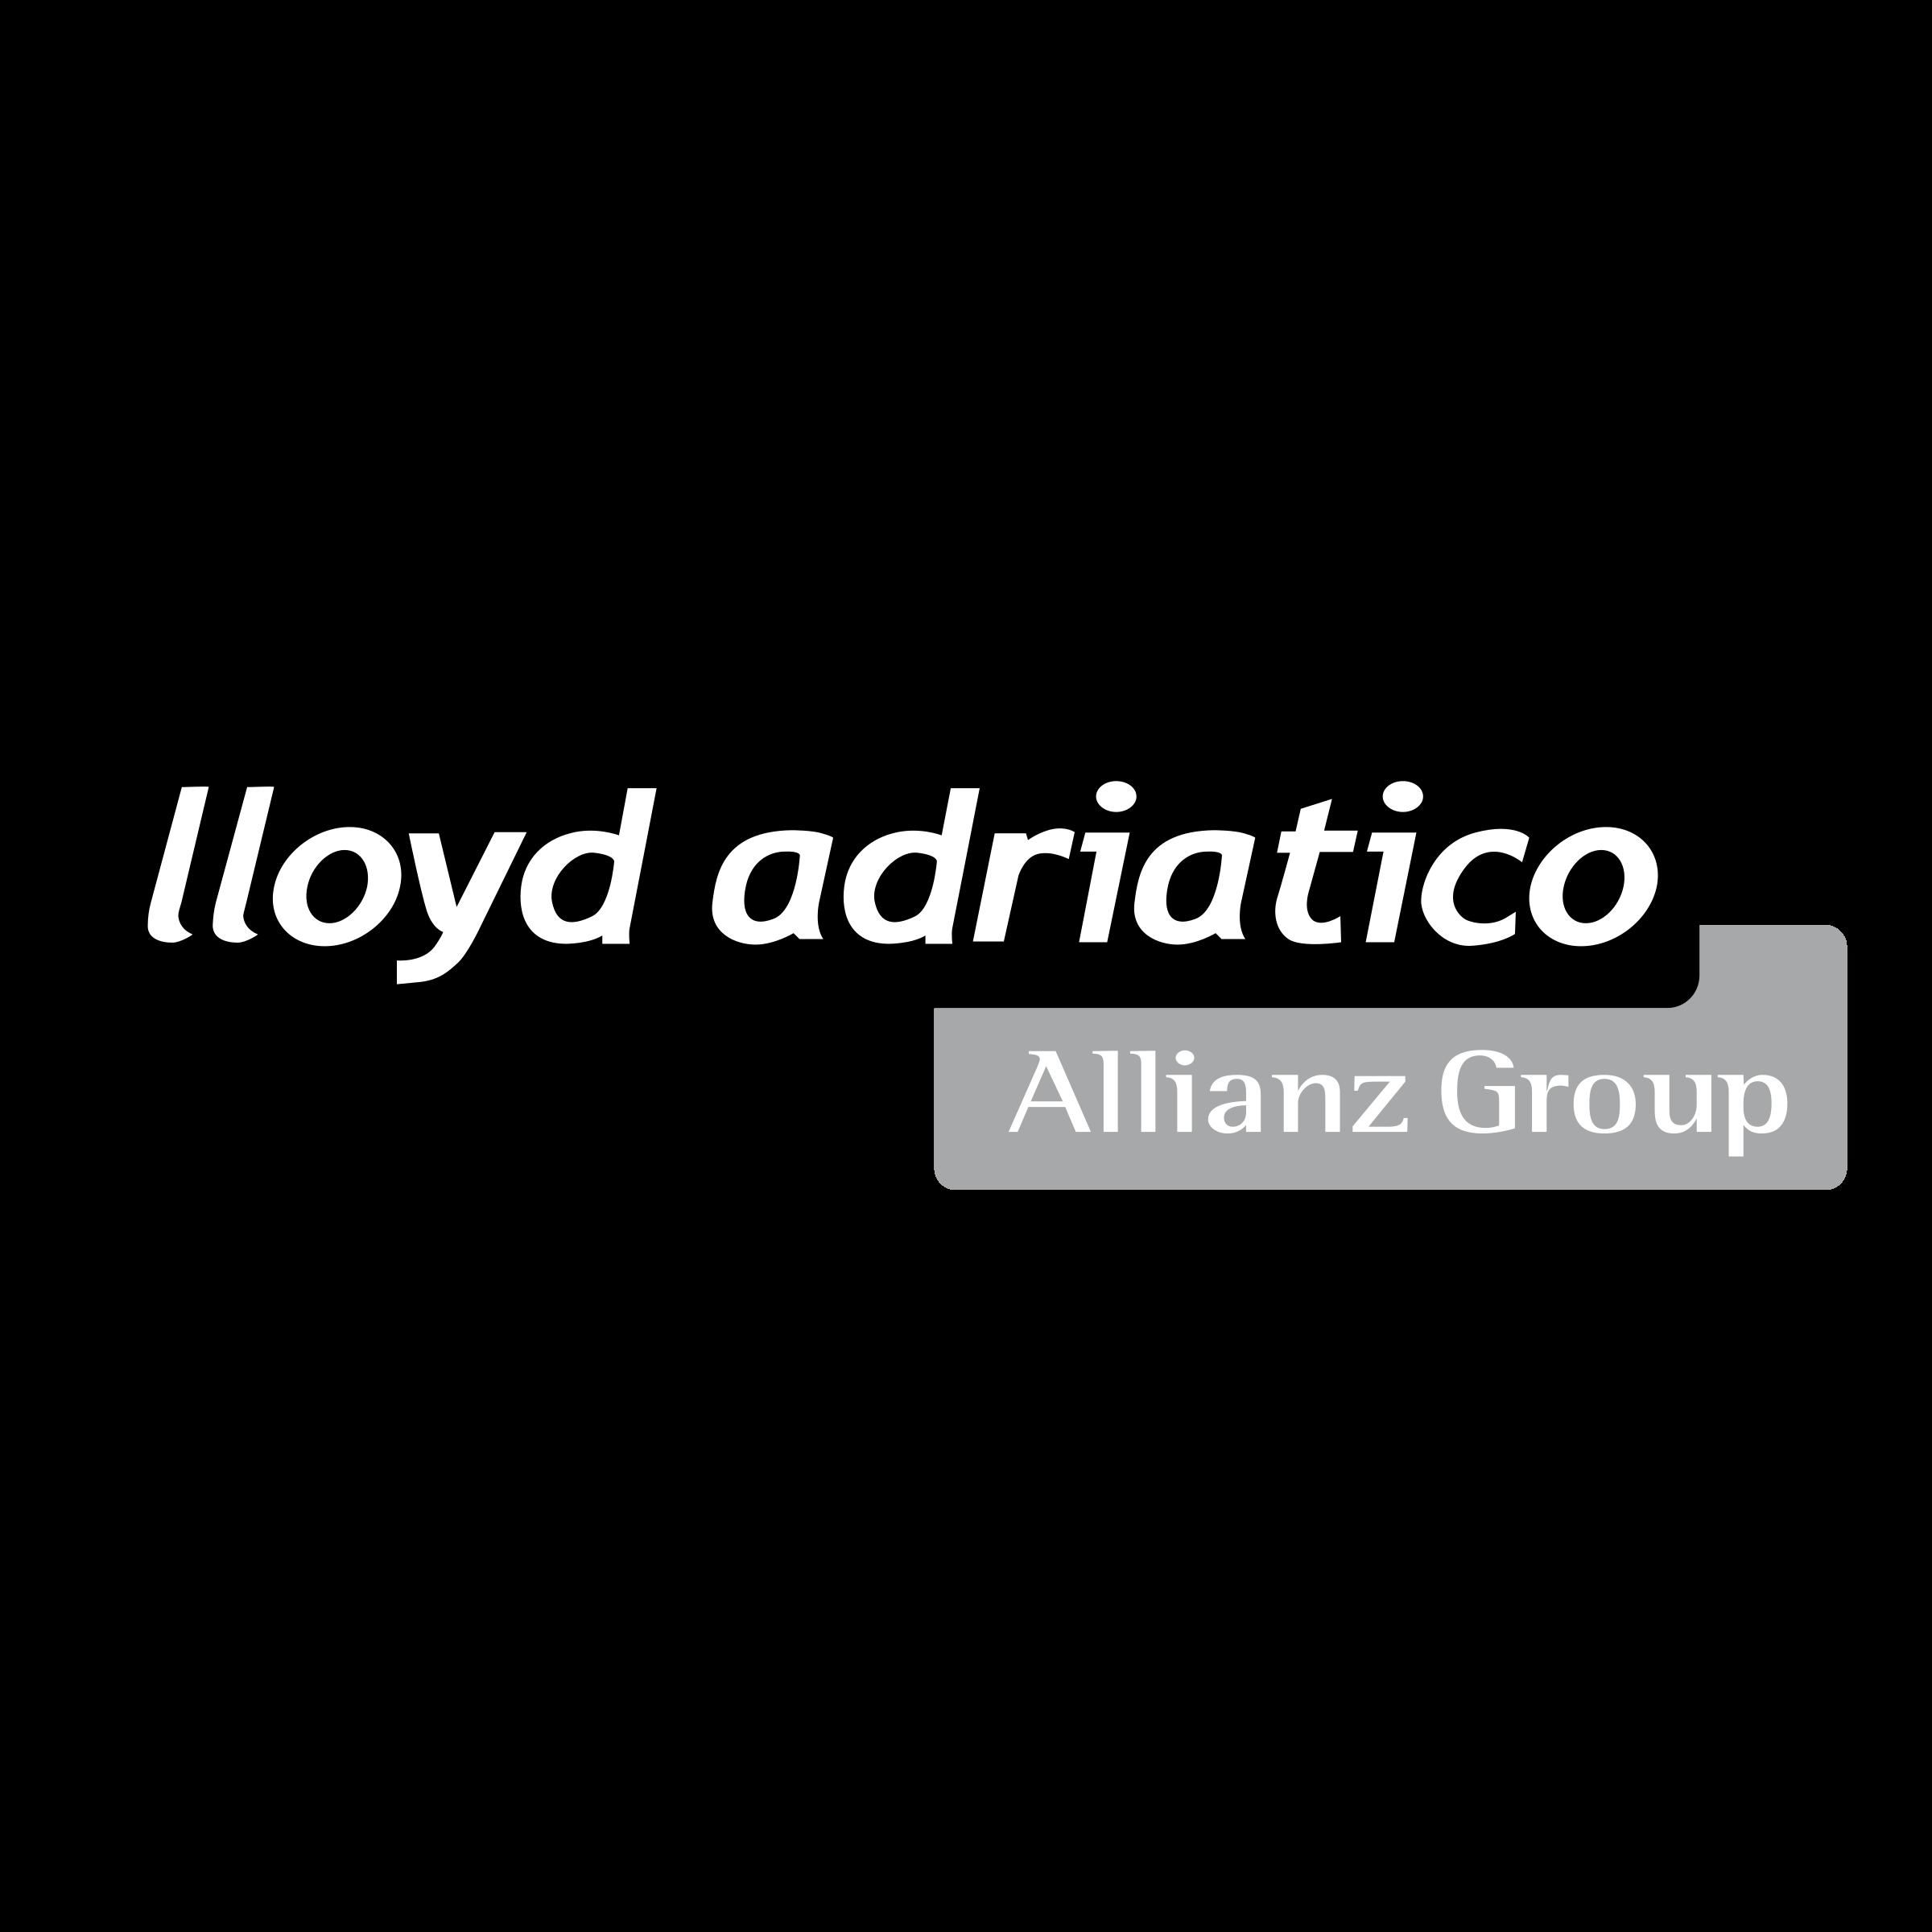 logo lloyd adriatico